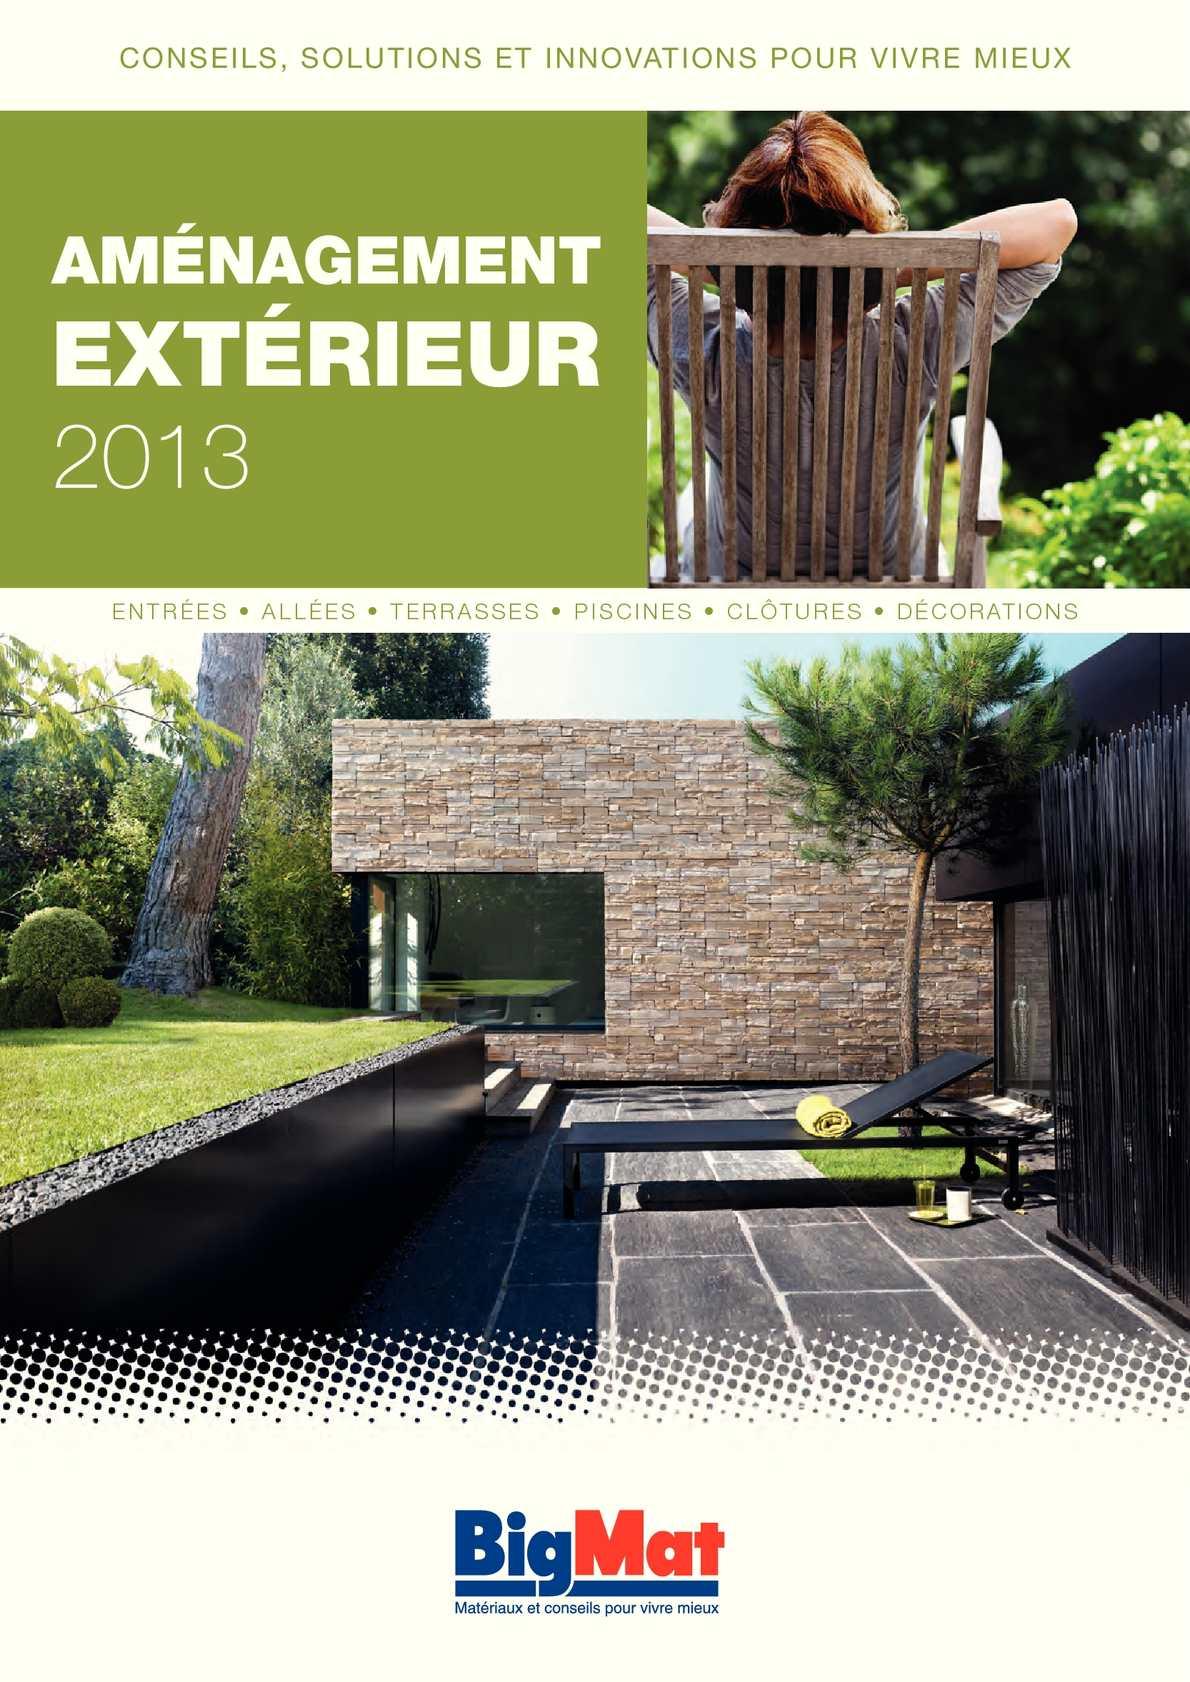 Calam o catalogue bigmat amenagement exterieur 2013 for Conseil amenagement exterieur